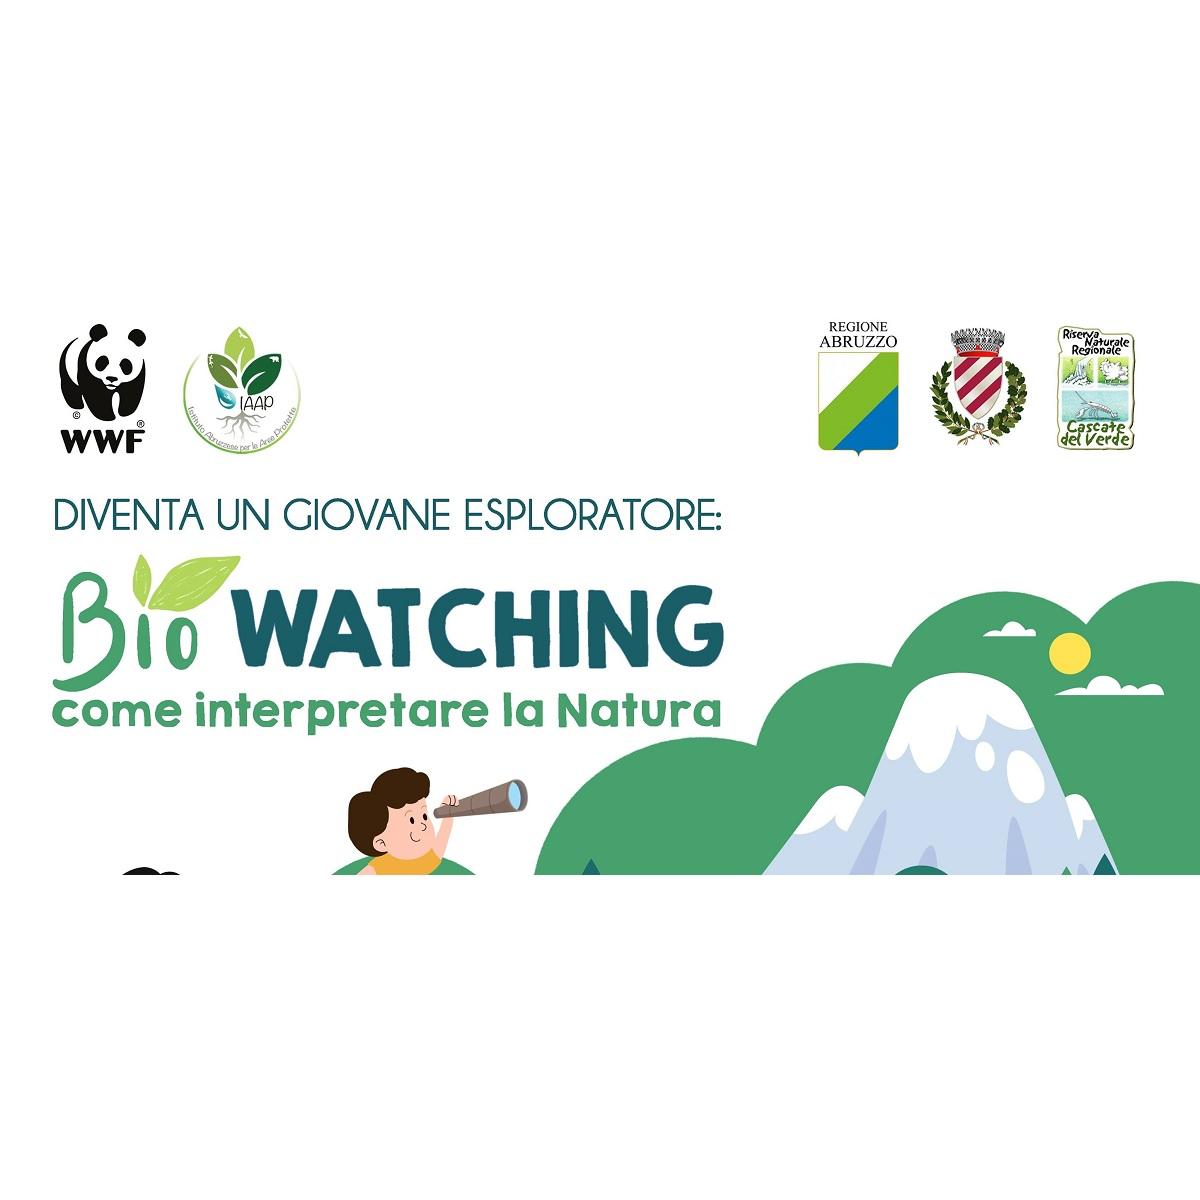 Diventa un Giovane Esploratore - BioWatching 27 giugno 2021 foto